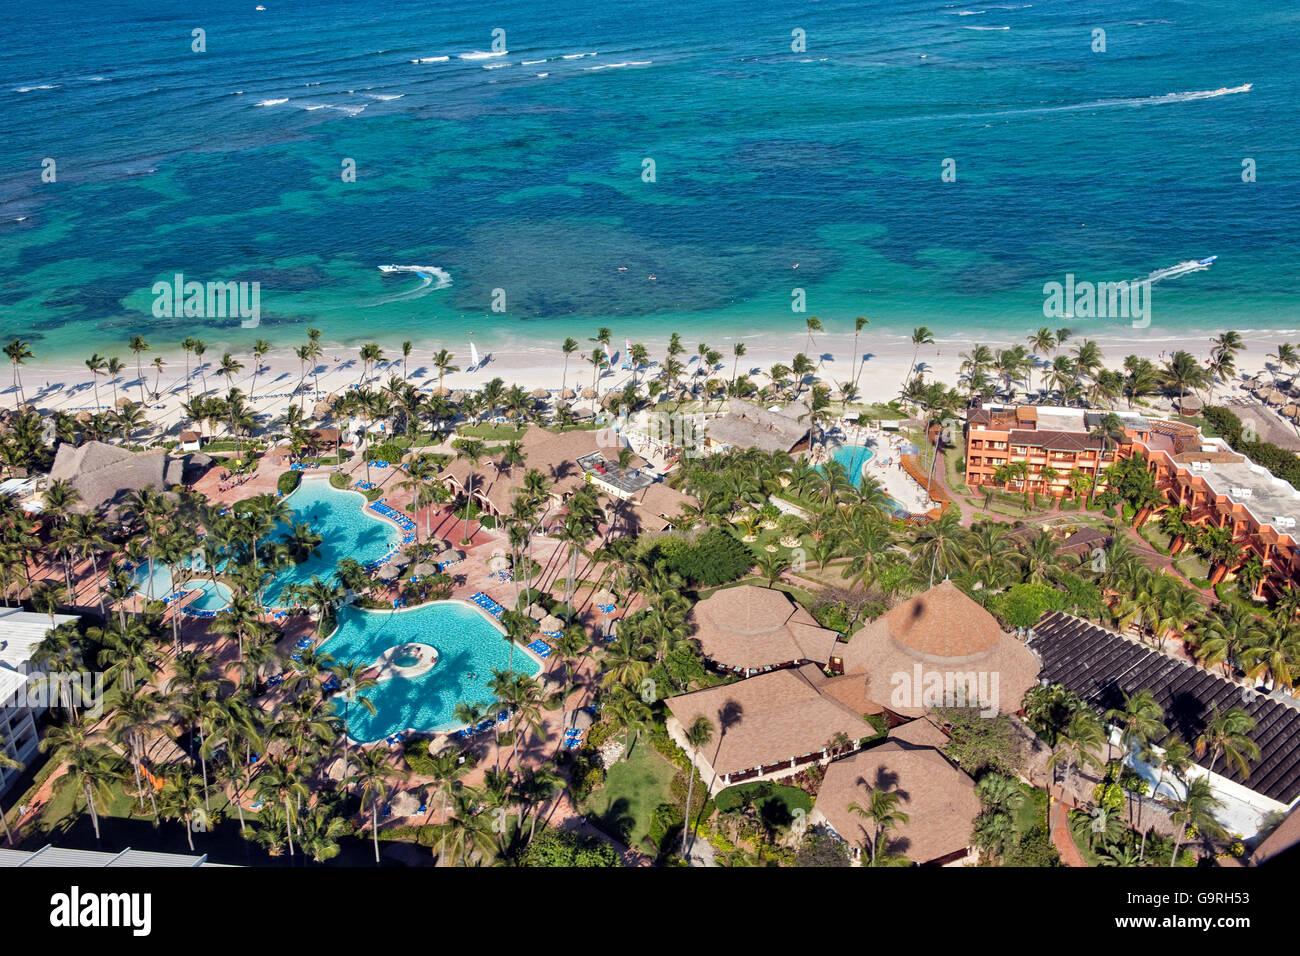 Beach Resort, coral, Bavaro, Punta Cana, provincia de La Altagracia, República Dominicana Imagen De Stock